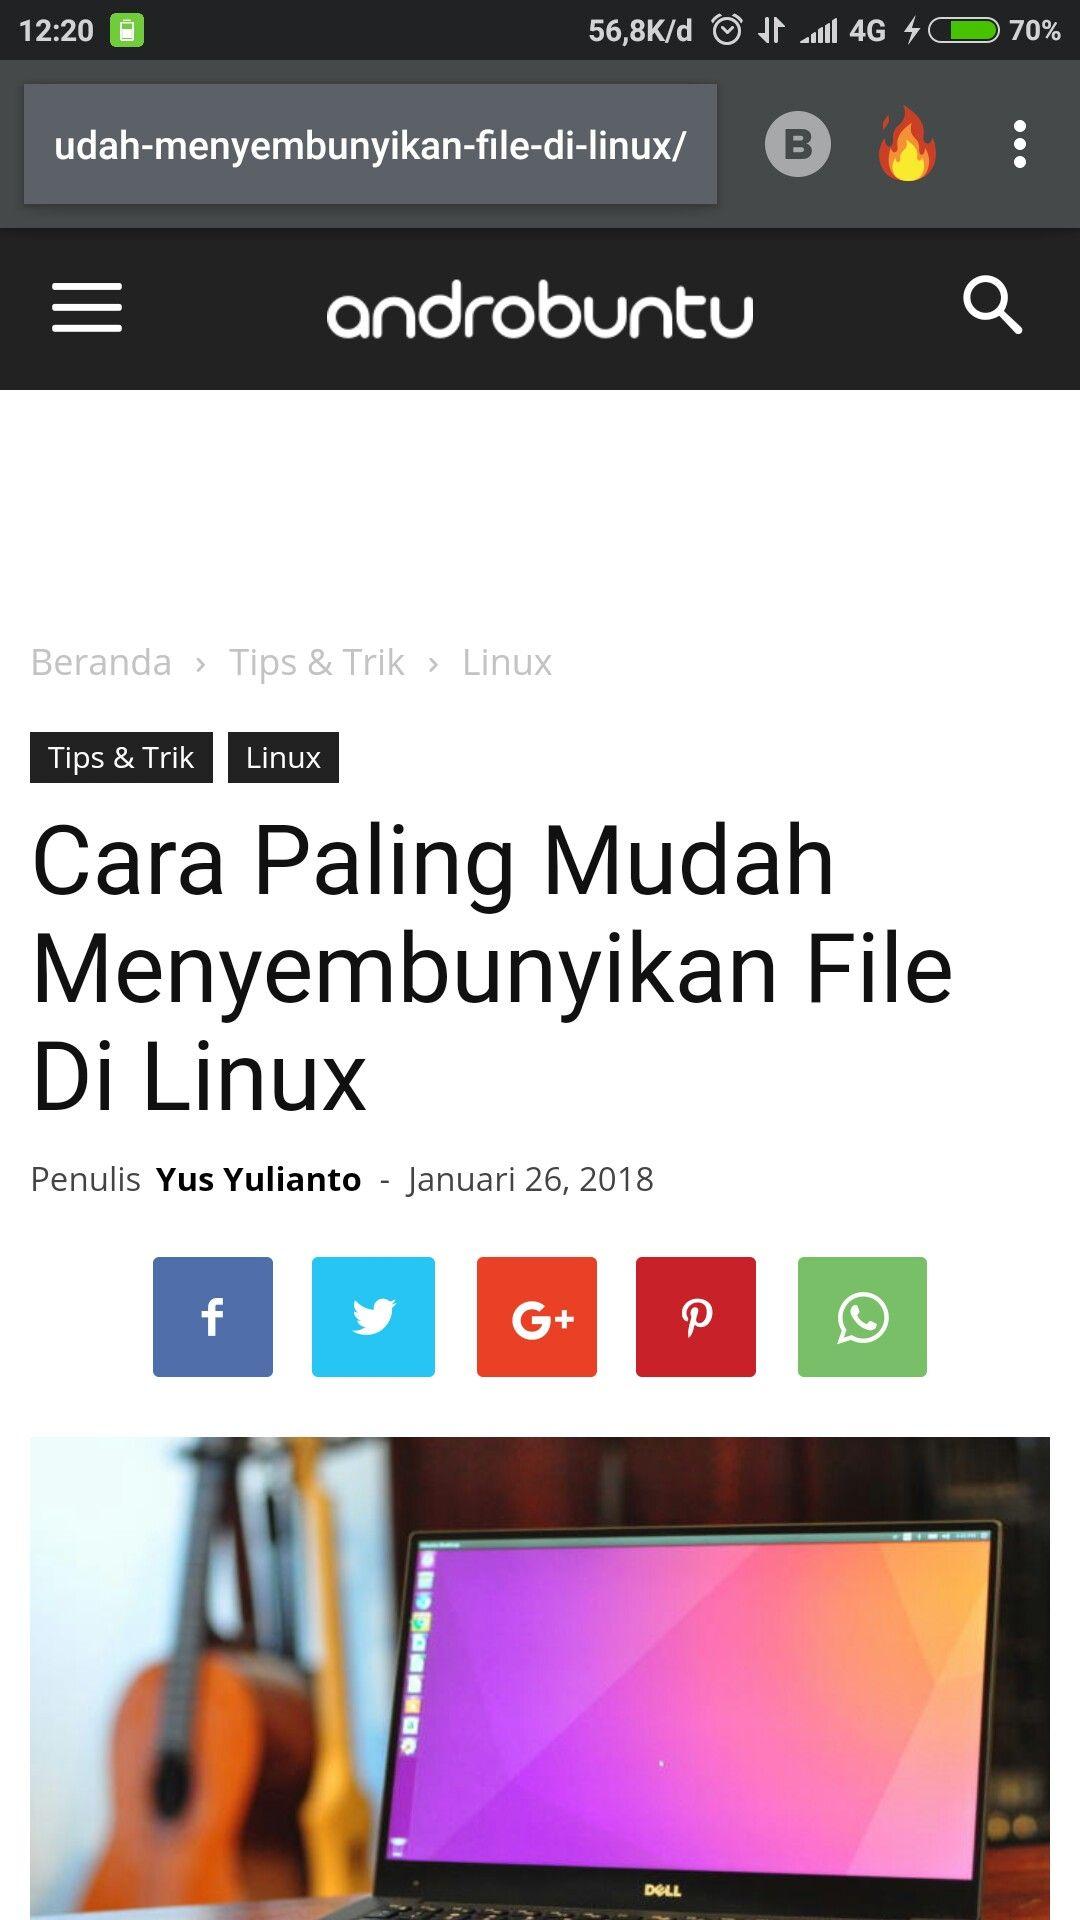 Cara paling mudah menyembunyikan file di Linux. Baca